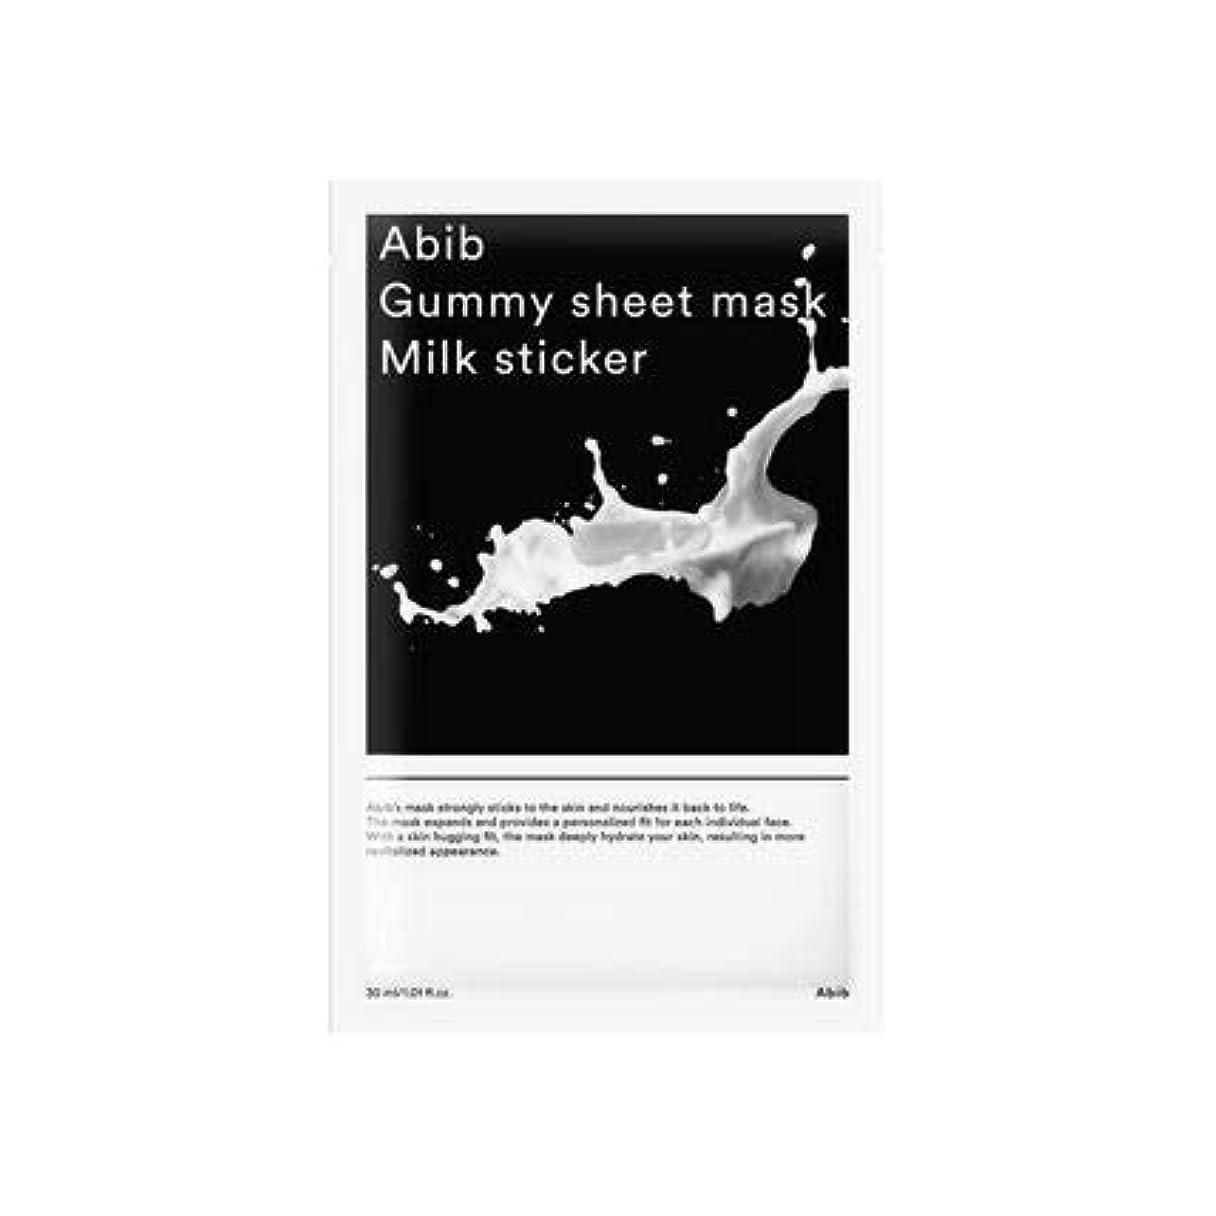 ユニークな大胆な後者[Abib] アイブガムのくるみシートマスクミルクステッカー 30mlx10枚 / ABIB GUMMY SHEET MASK MILK STICKER 30mlx10EA [並行輸入品]